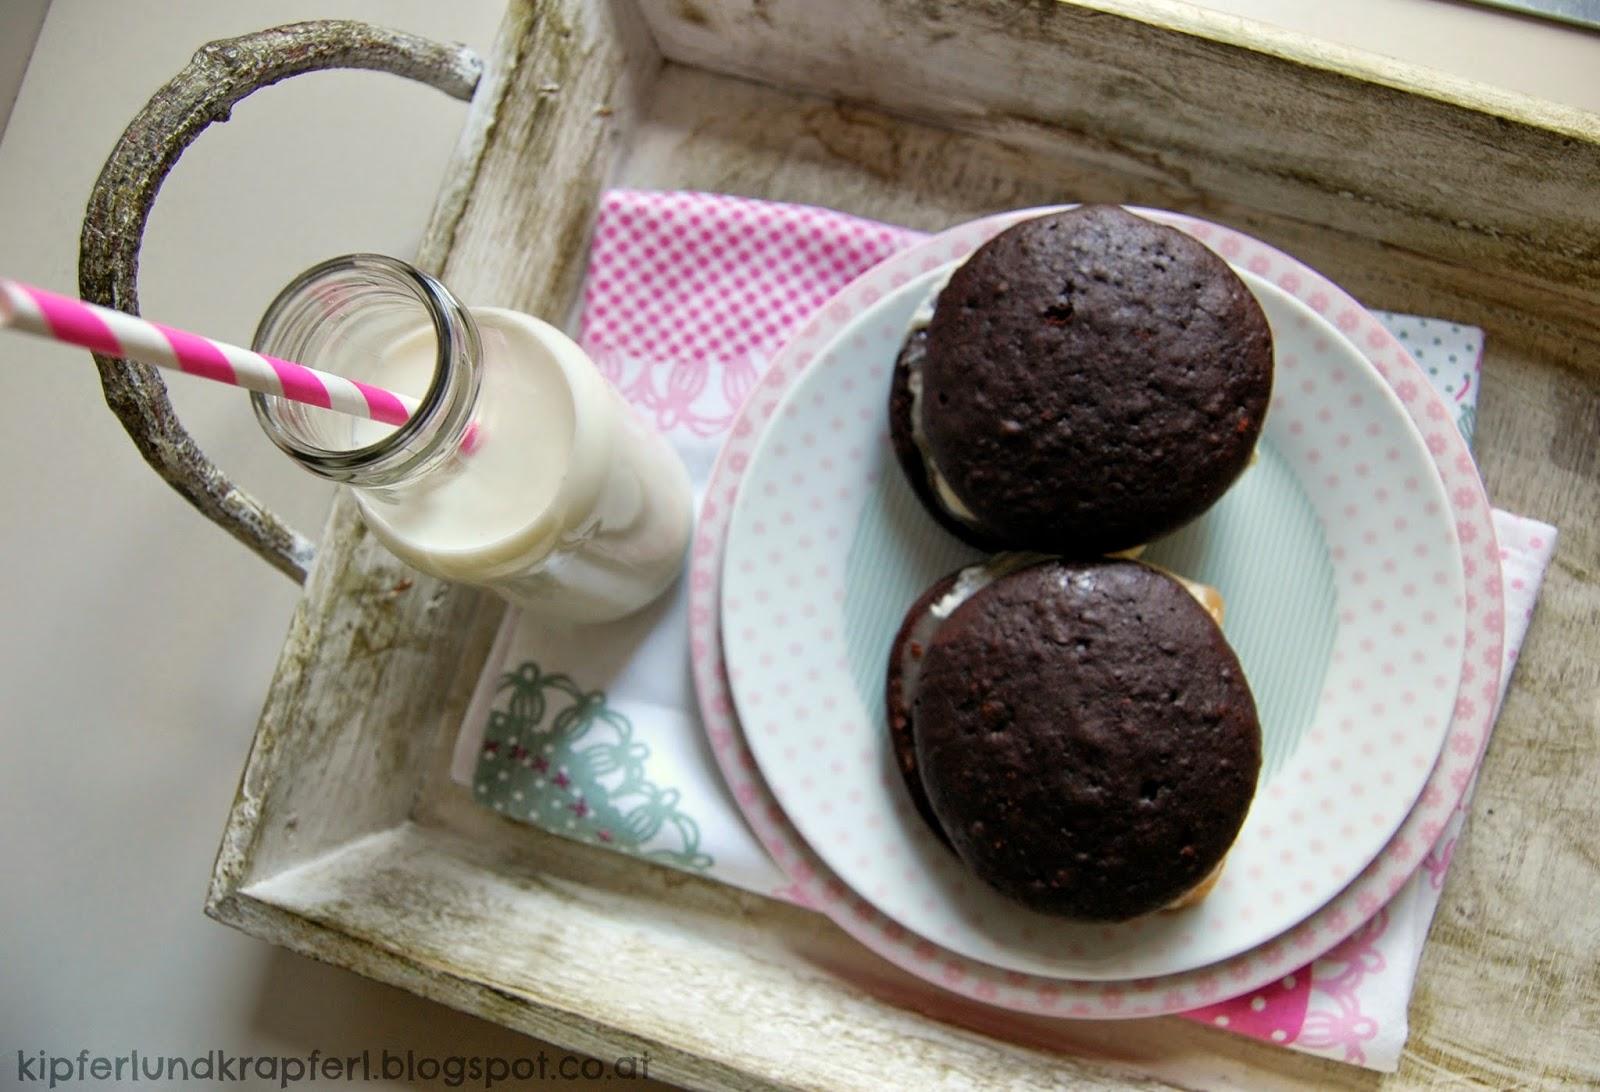 Whoopie Pie, Ice Cream, Eiscreme, Eis, Sandwich, Backen, Foodblog, Kipferl und Krapferl, Rezept